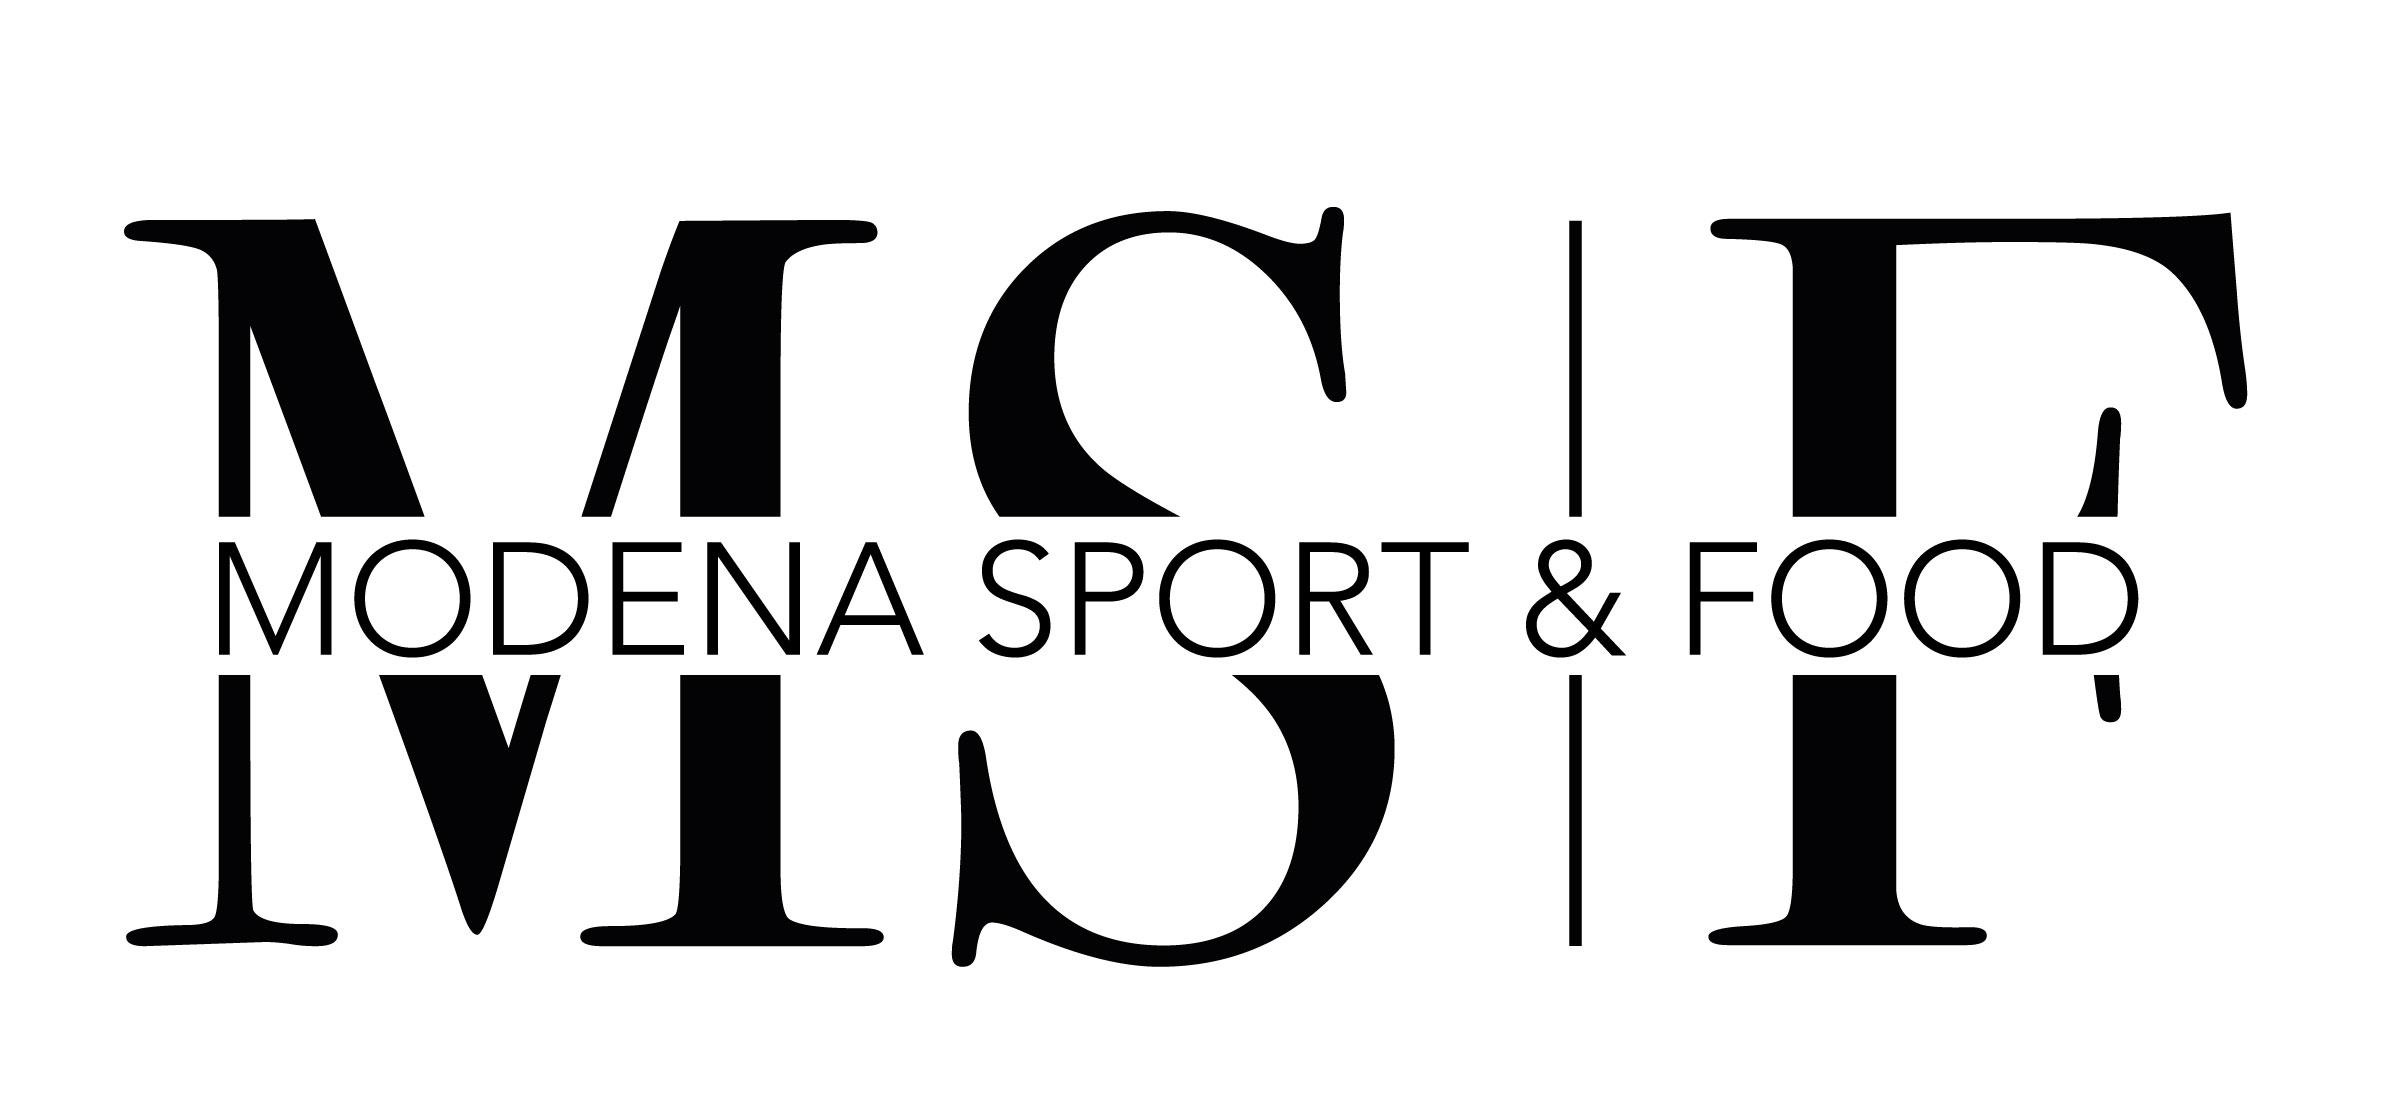 Modena Sport & Food